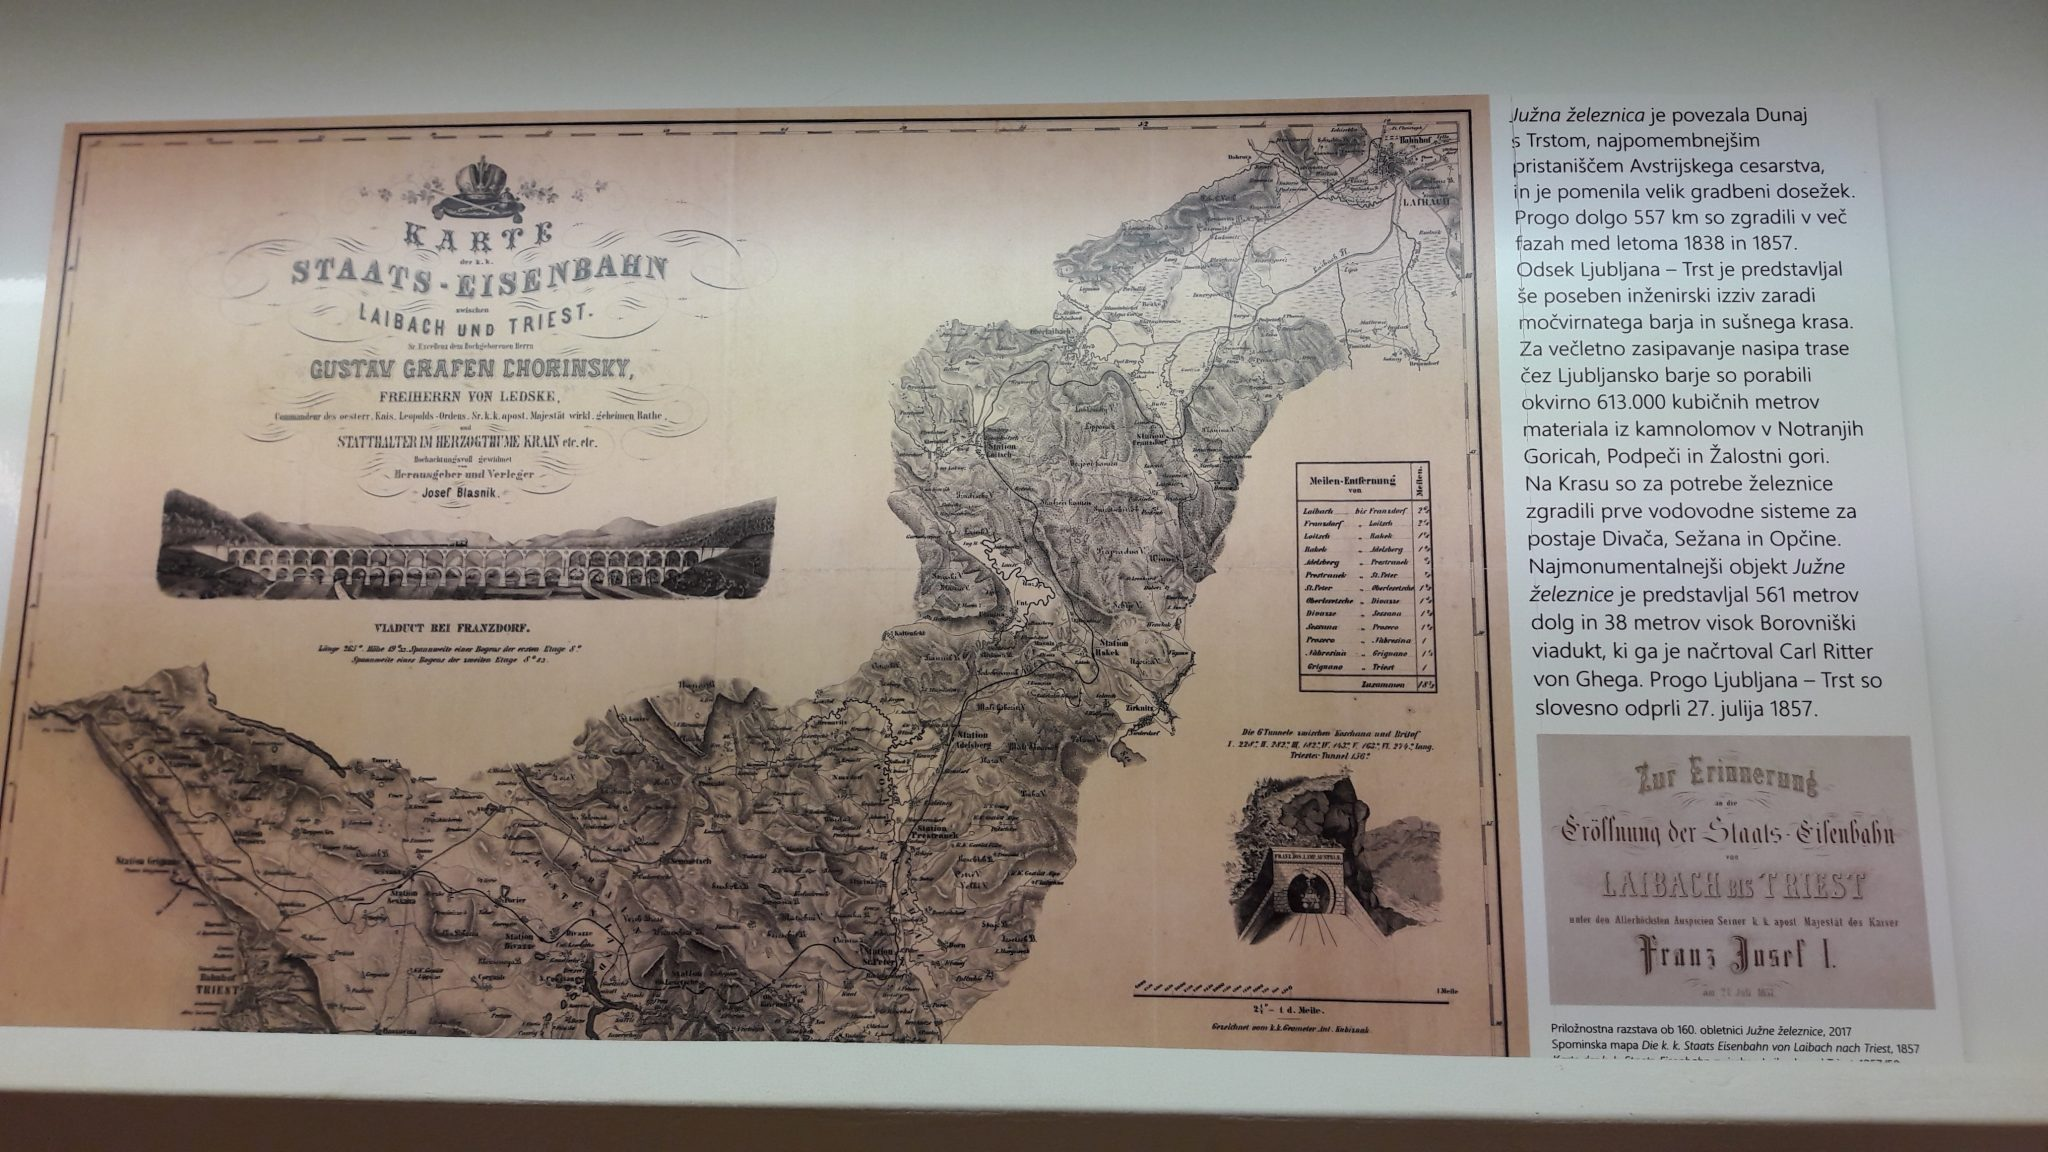 20180109 171326 - 160 let južne železnice - razstava vedut